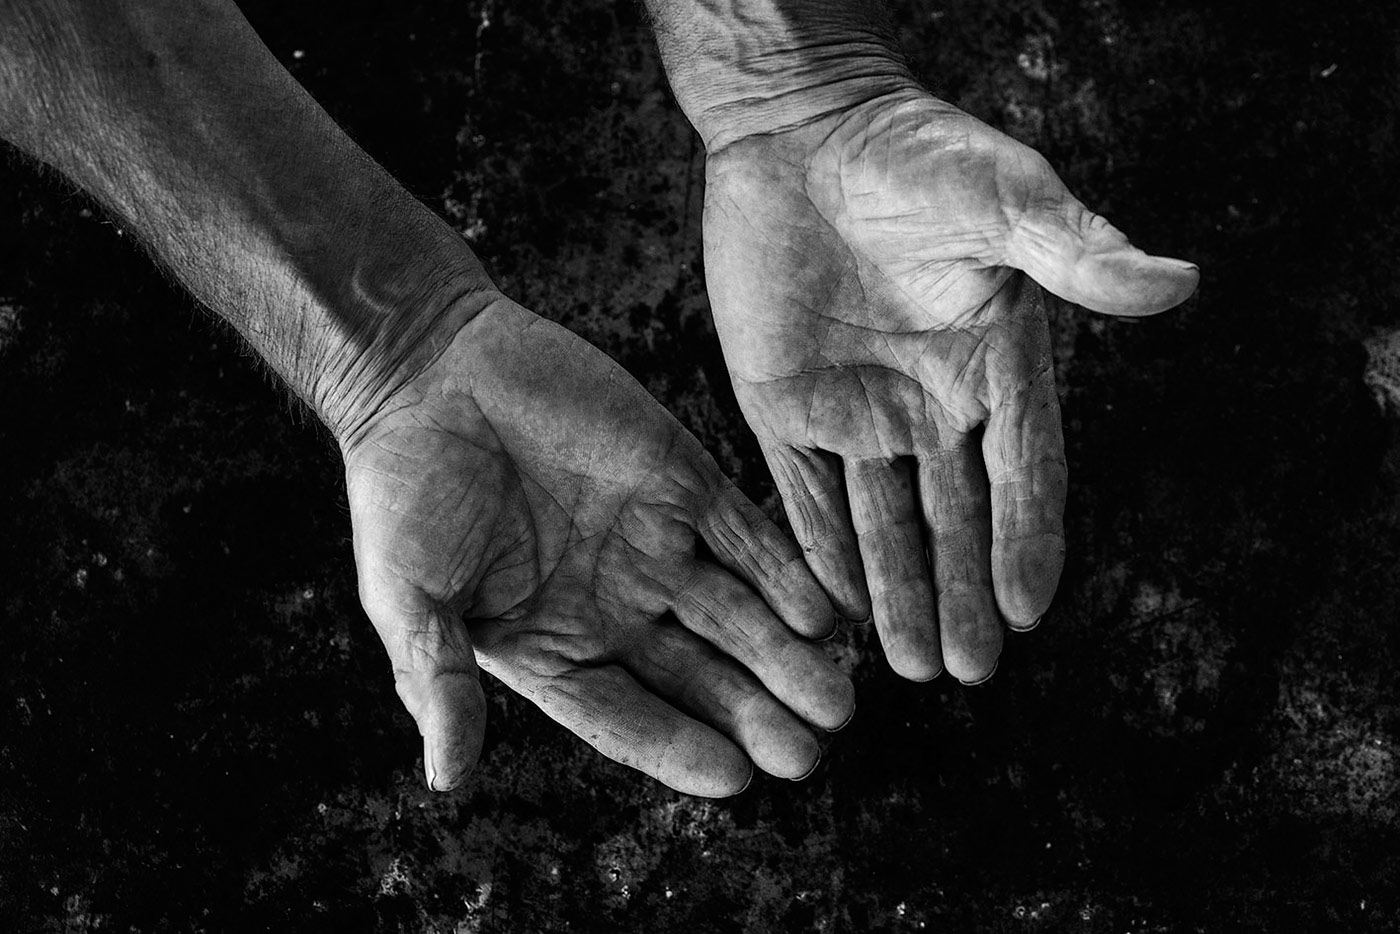 La vida en la palma de la mano